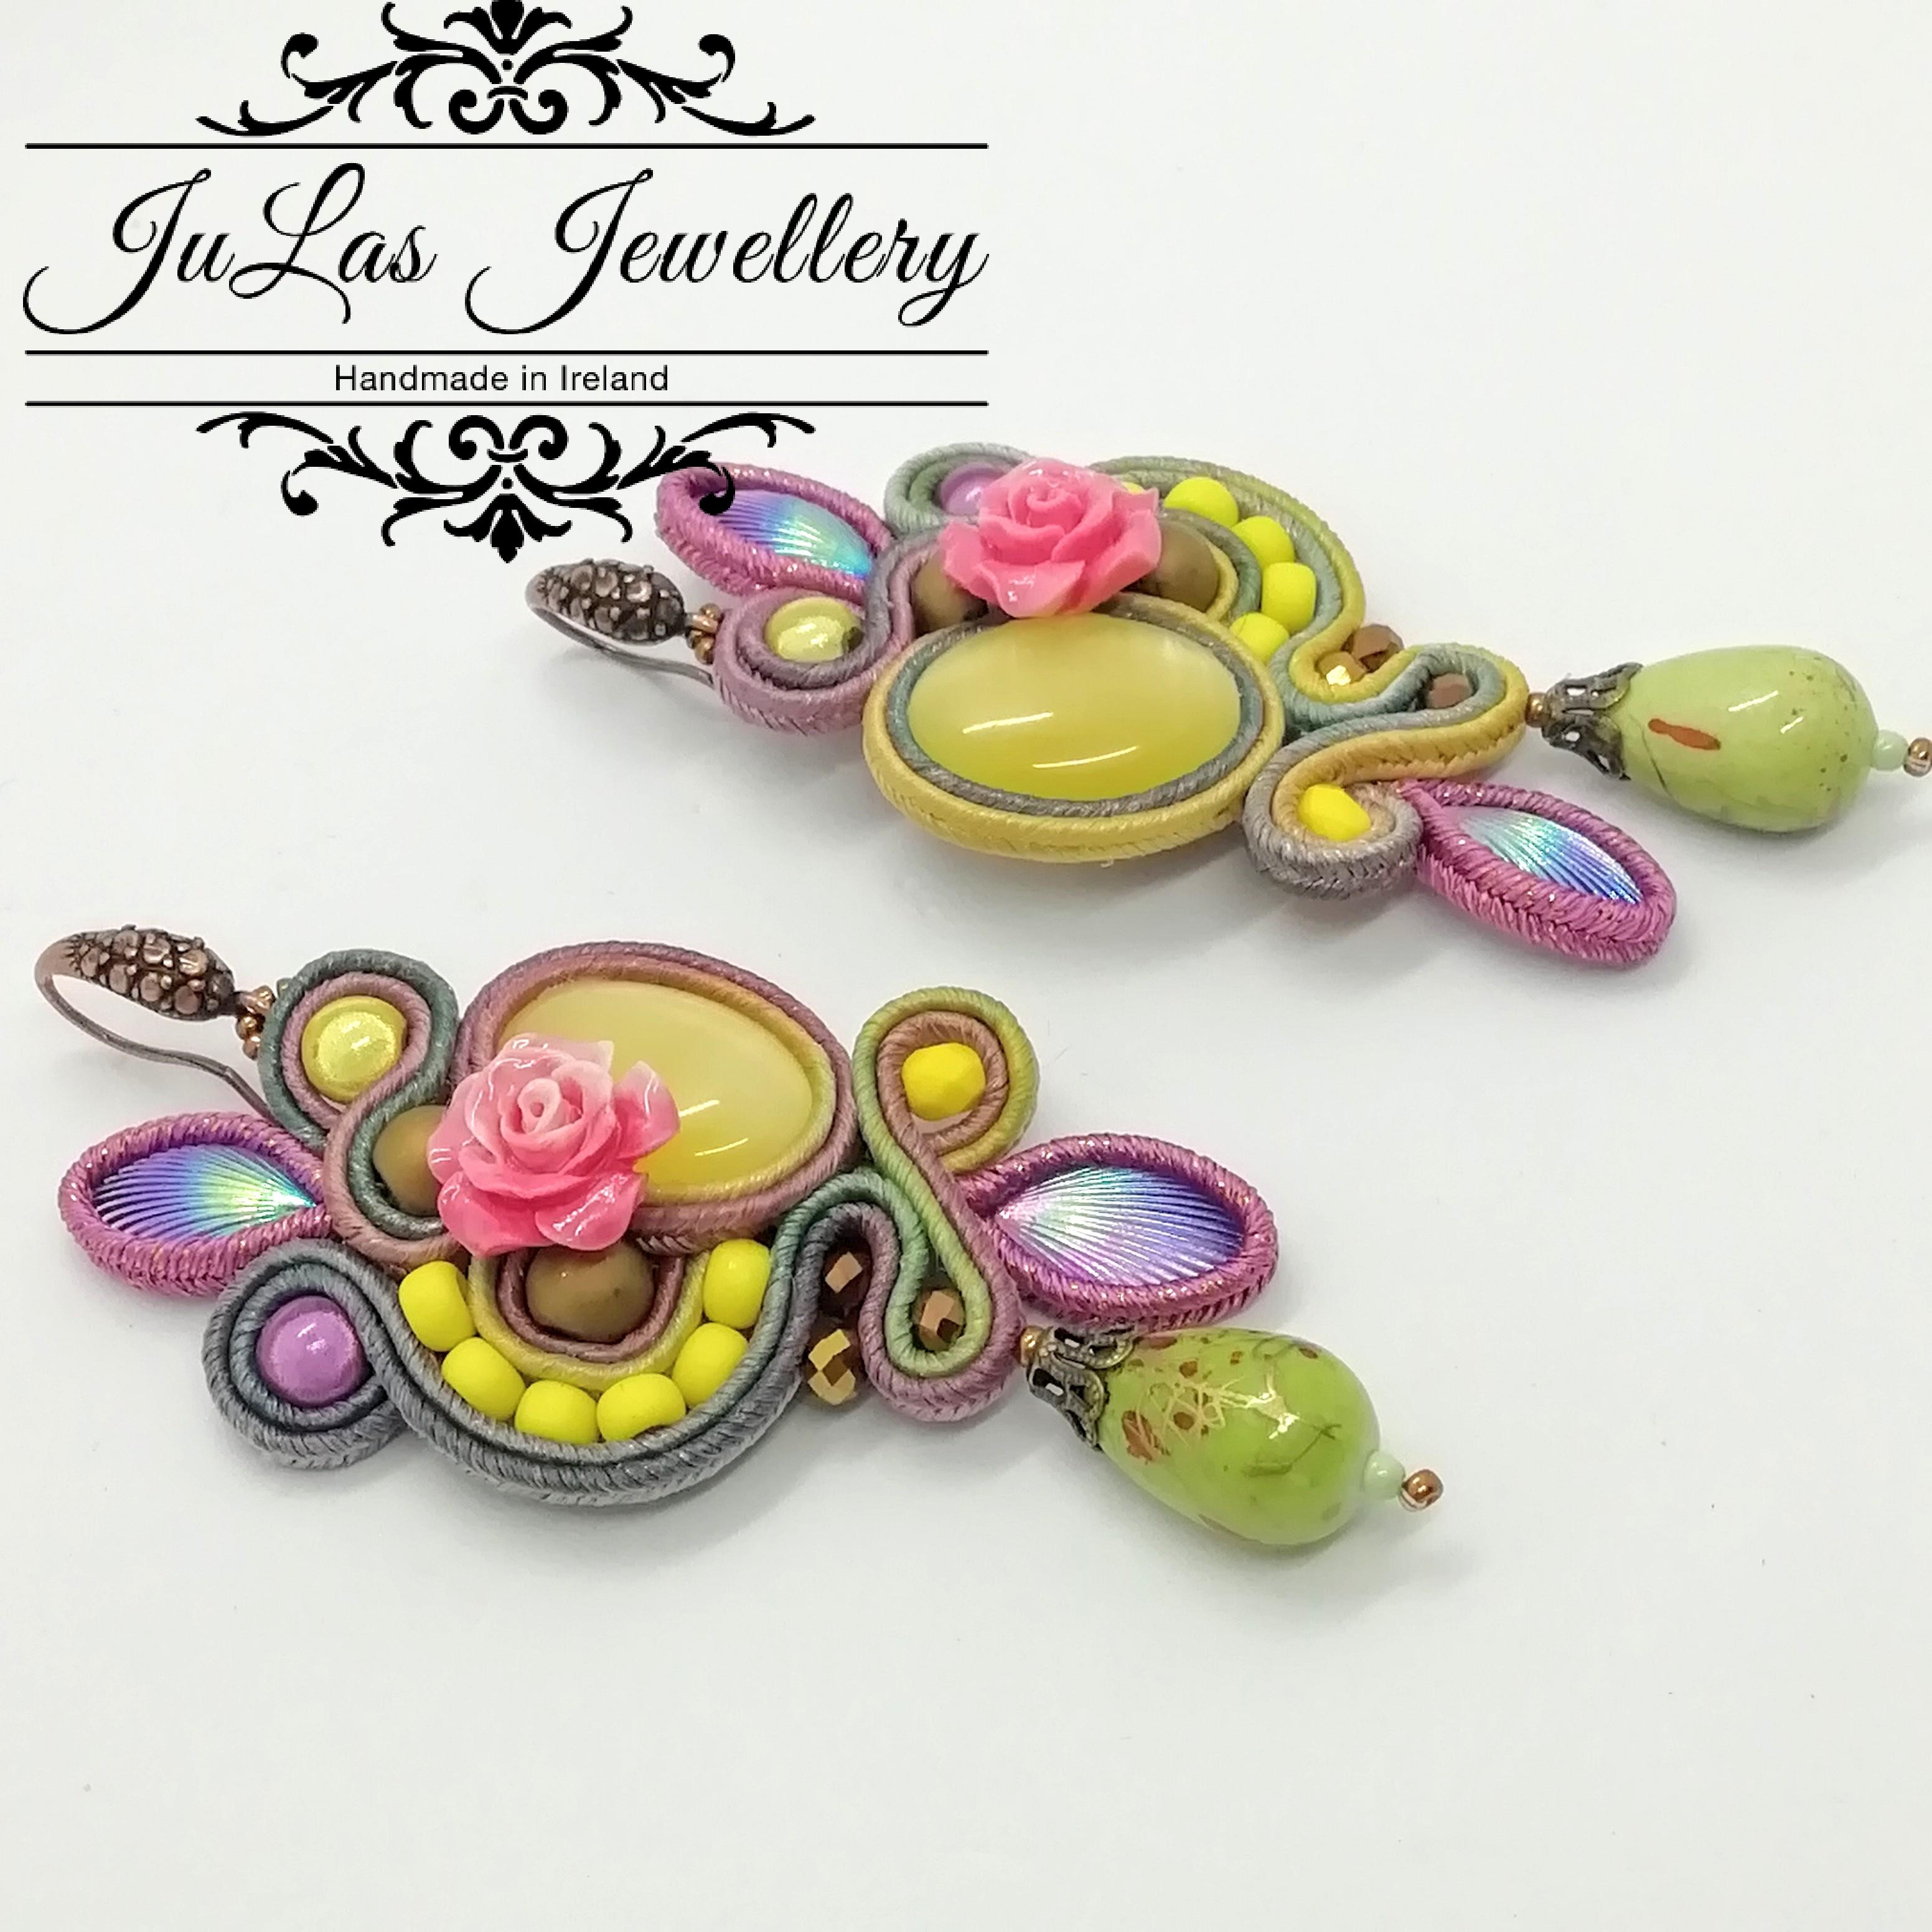 @julasjewellery's snapchat picture for julasjewellery